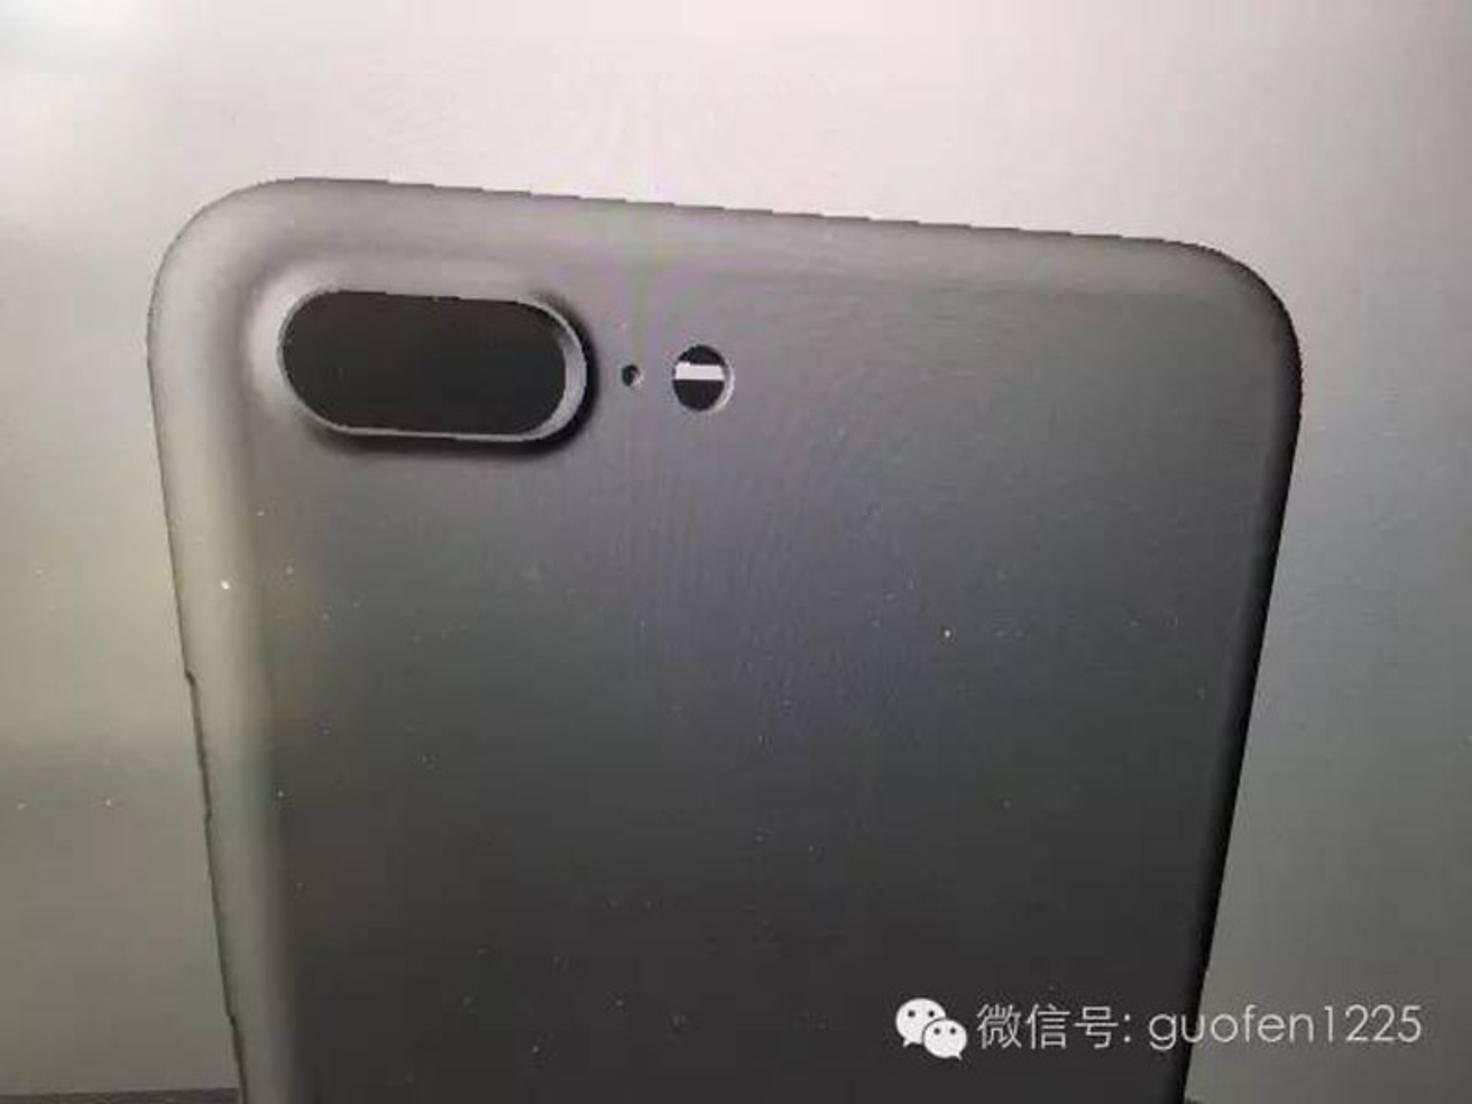 Auch die Dual-Kamera des iPhone 7 Plus zeigt sich.